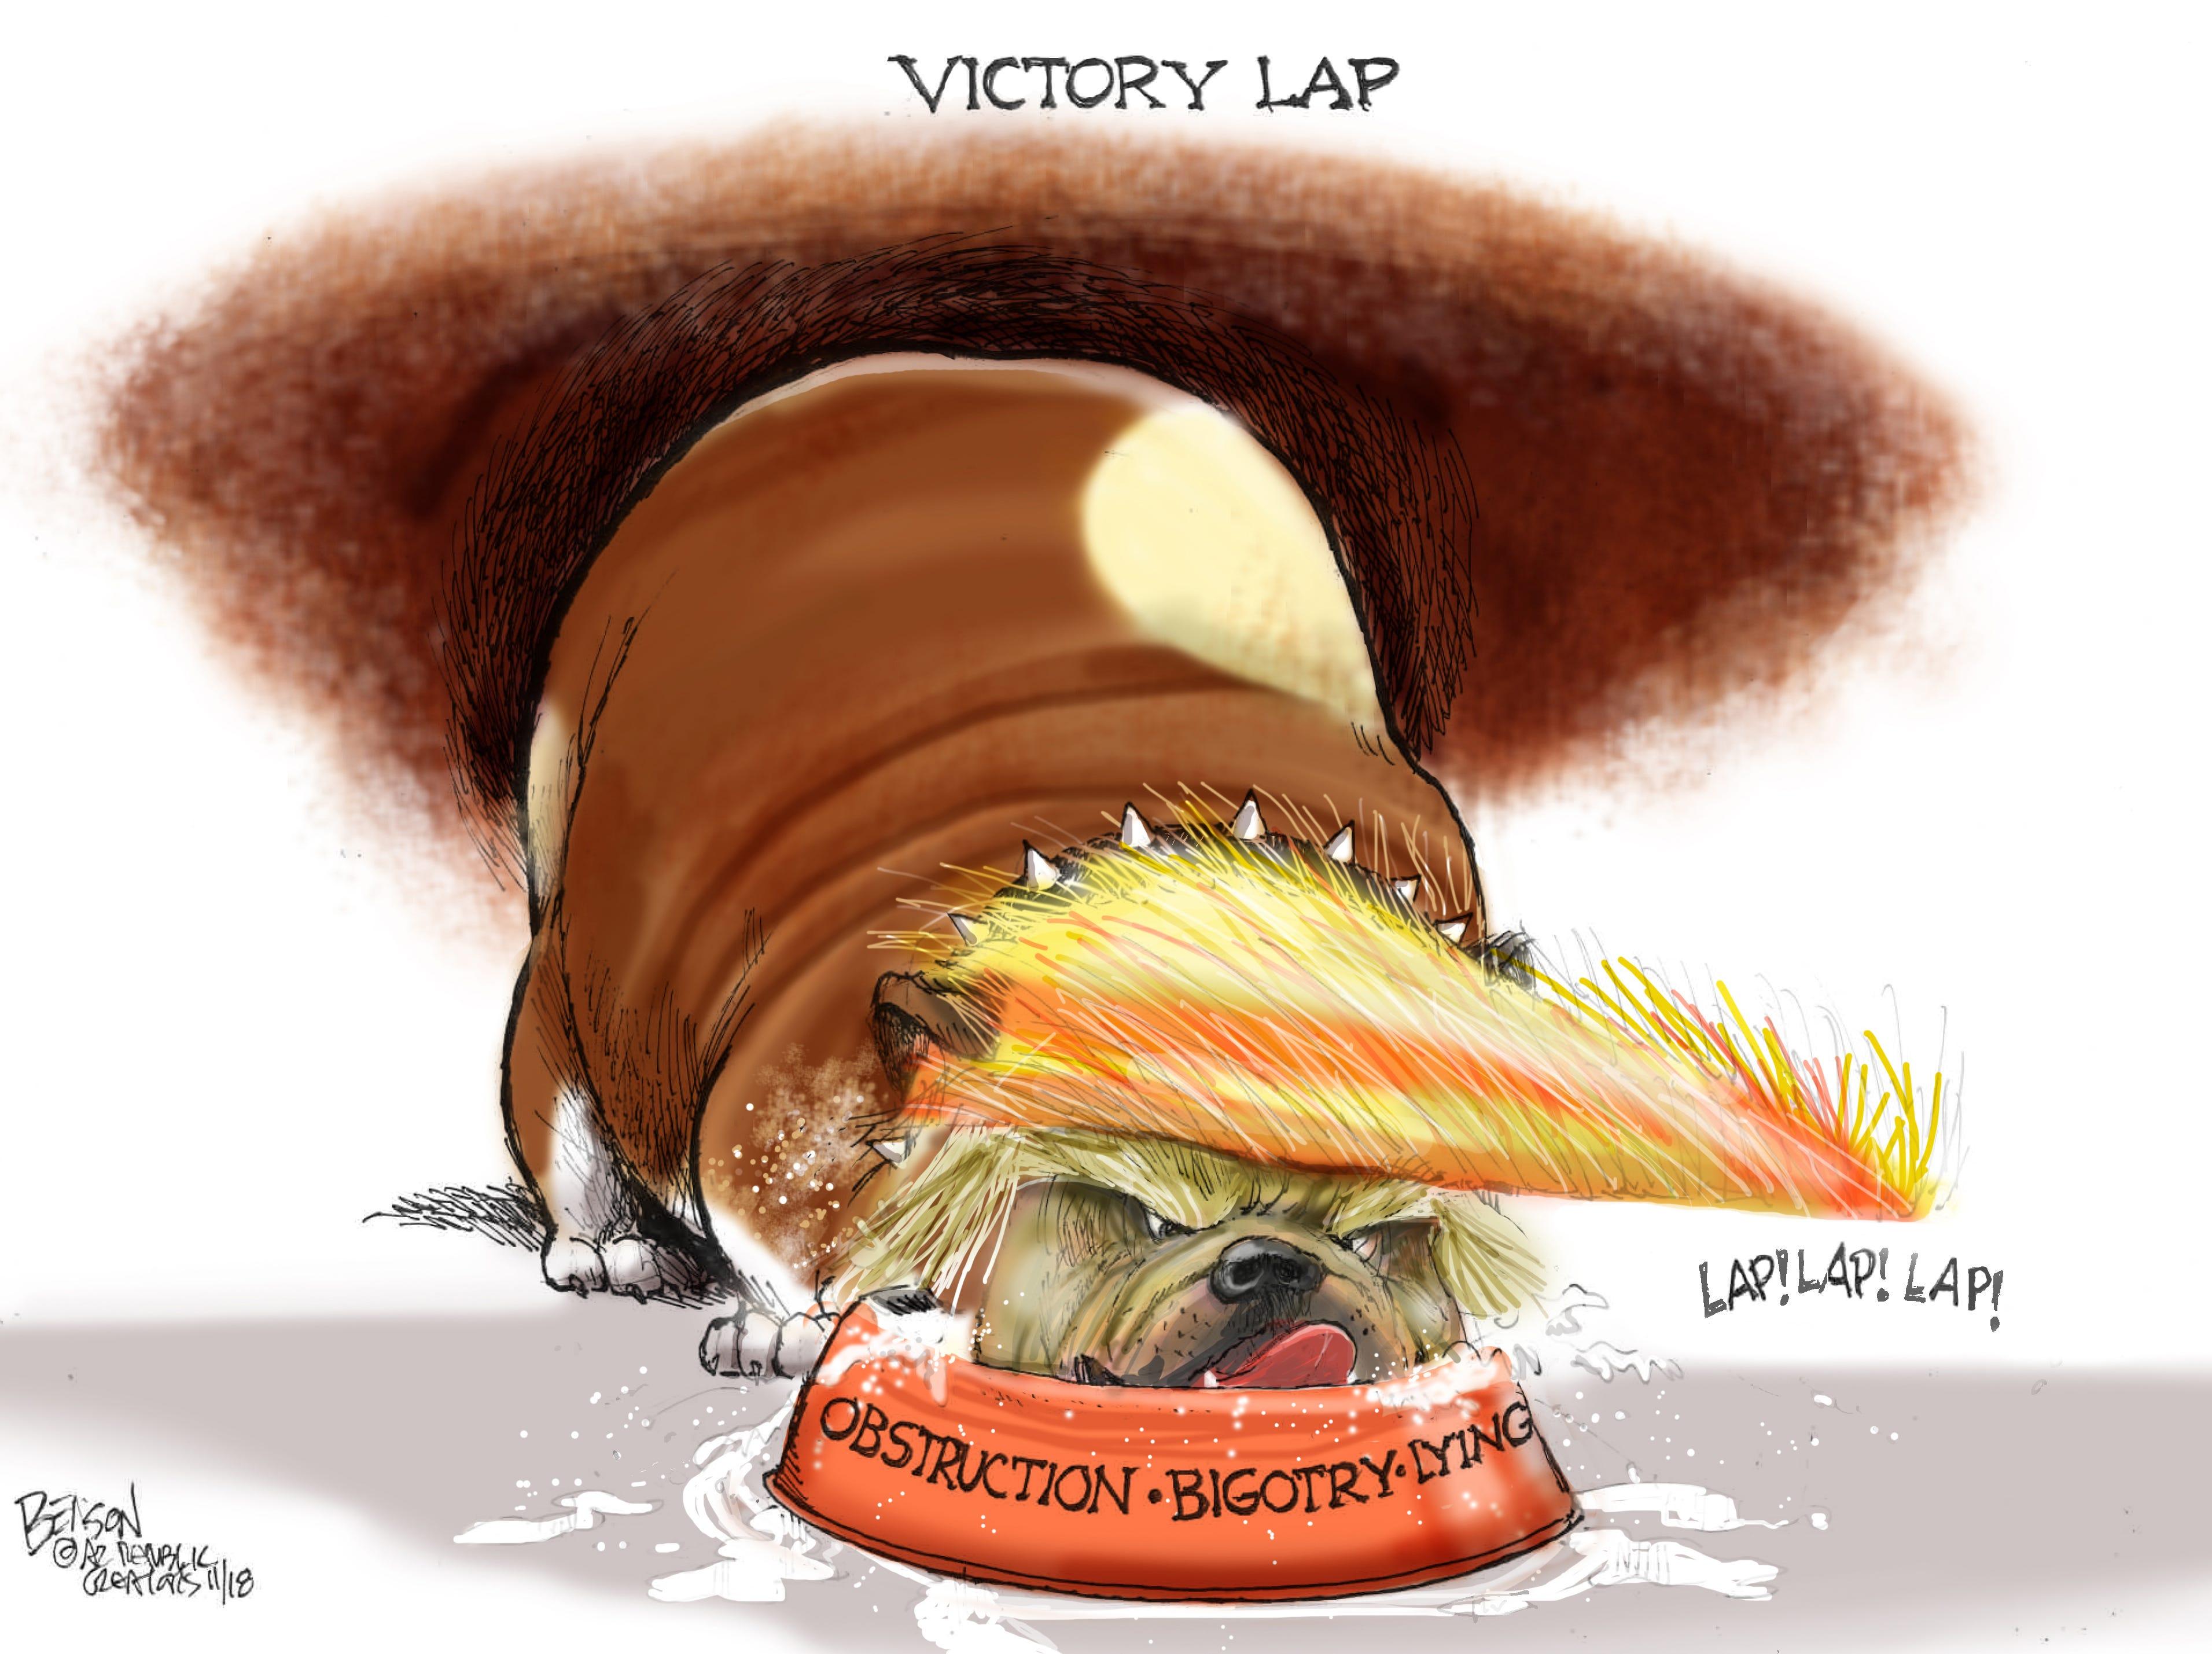 Cartoon for Nov. 11, 2018.